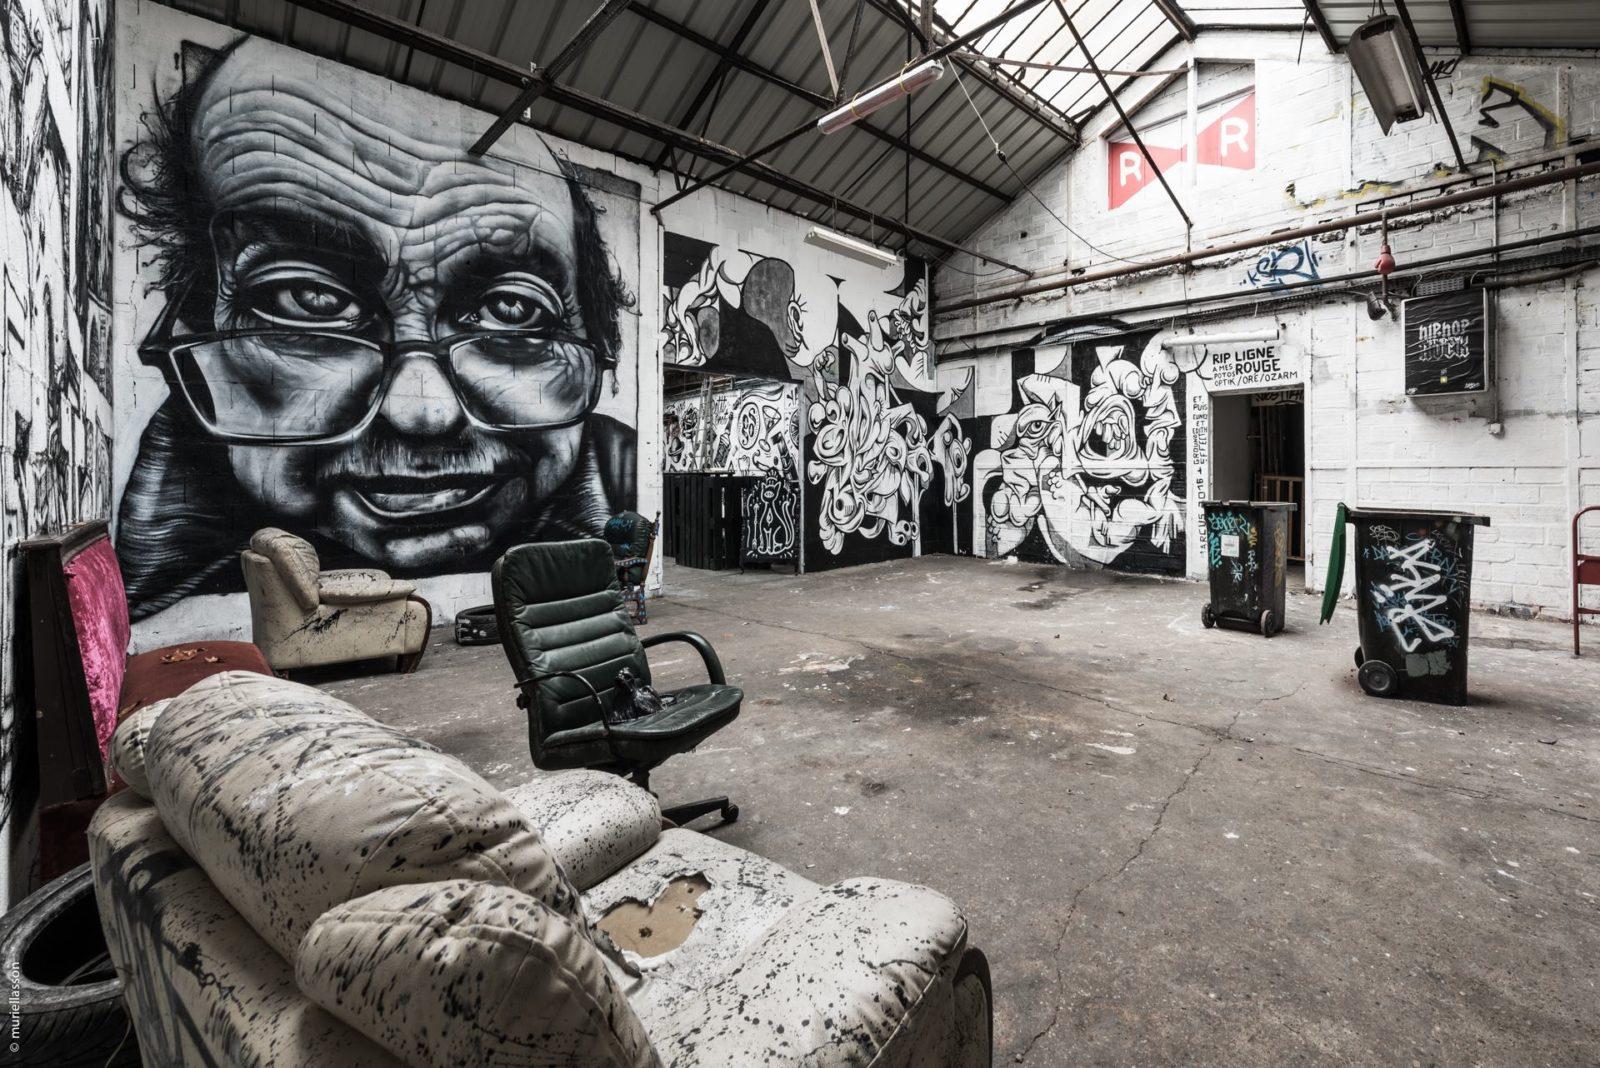 lendroit en153droit asniere goodirtysound GDS - Goodirtysound, le collectif qui secoue les nuits parisiennes, recherche un nouveau spot !